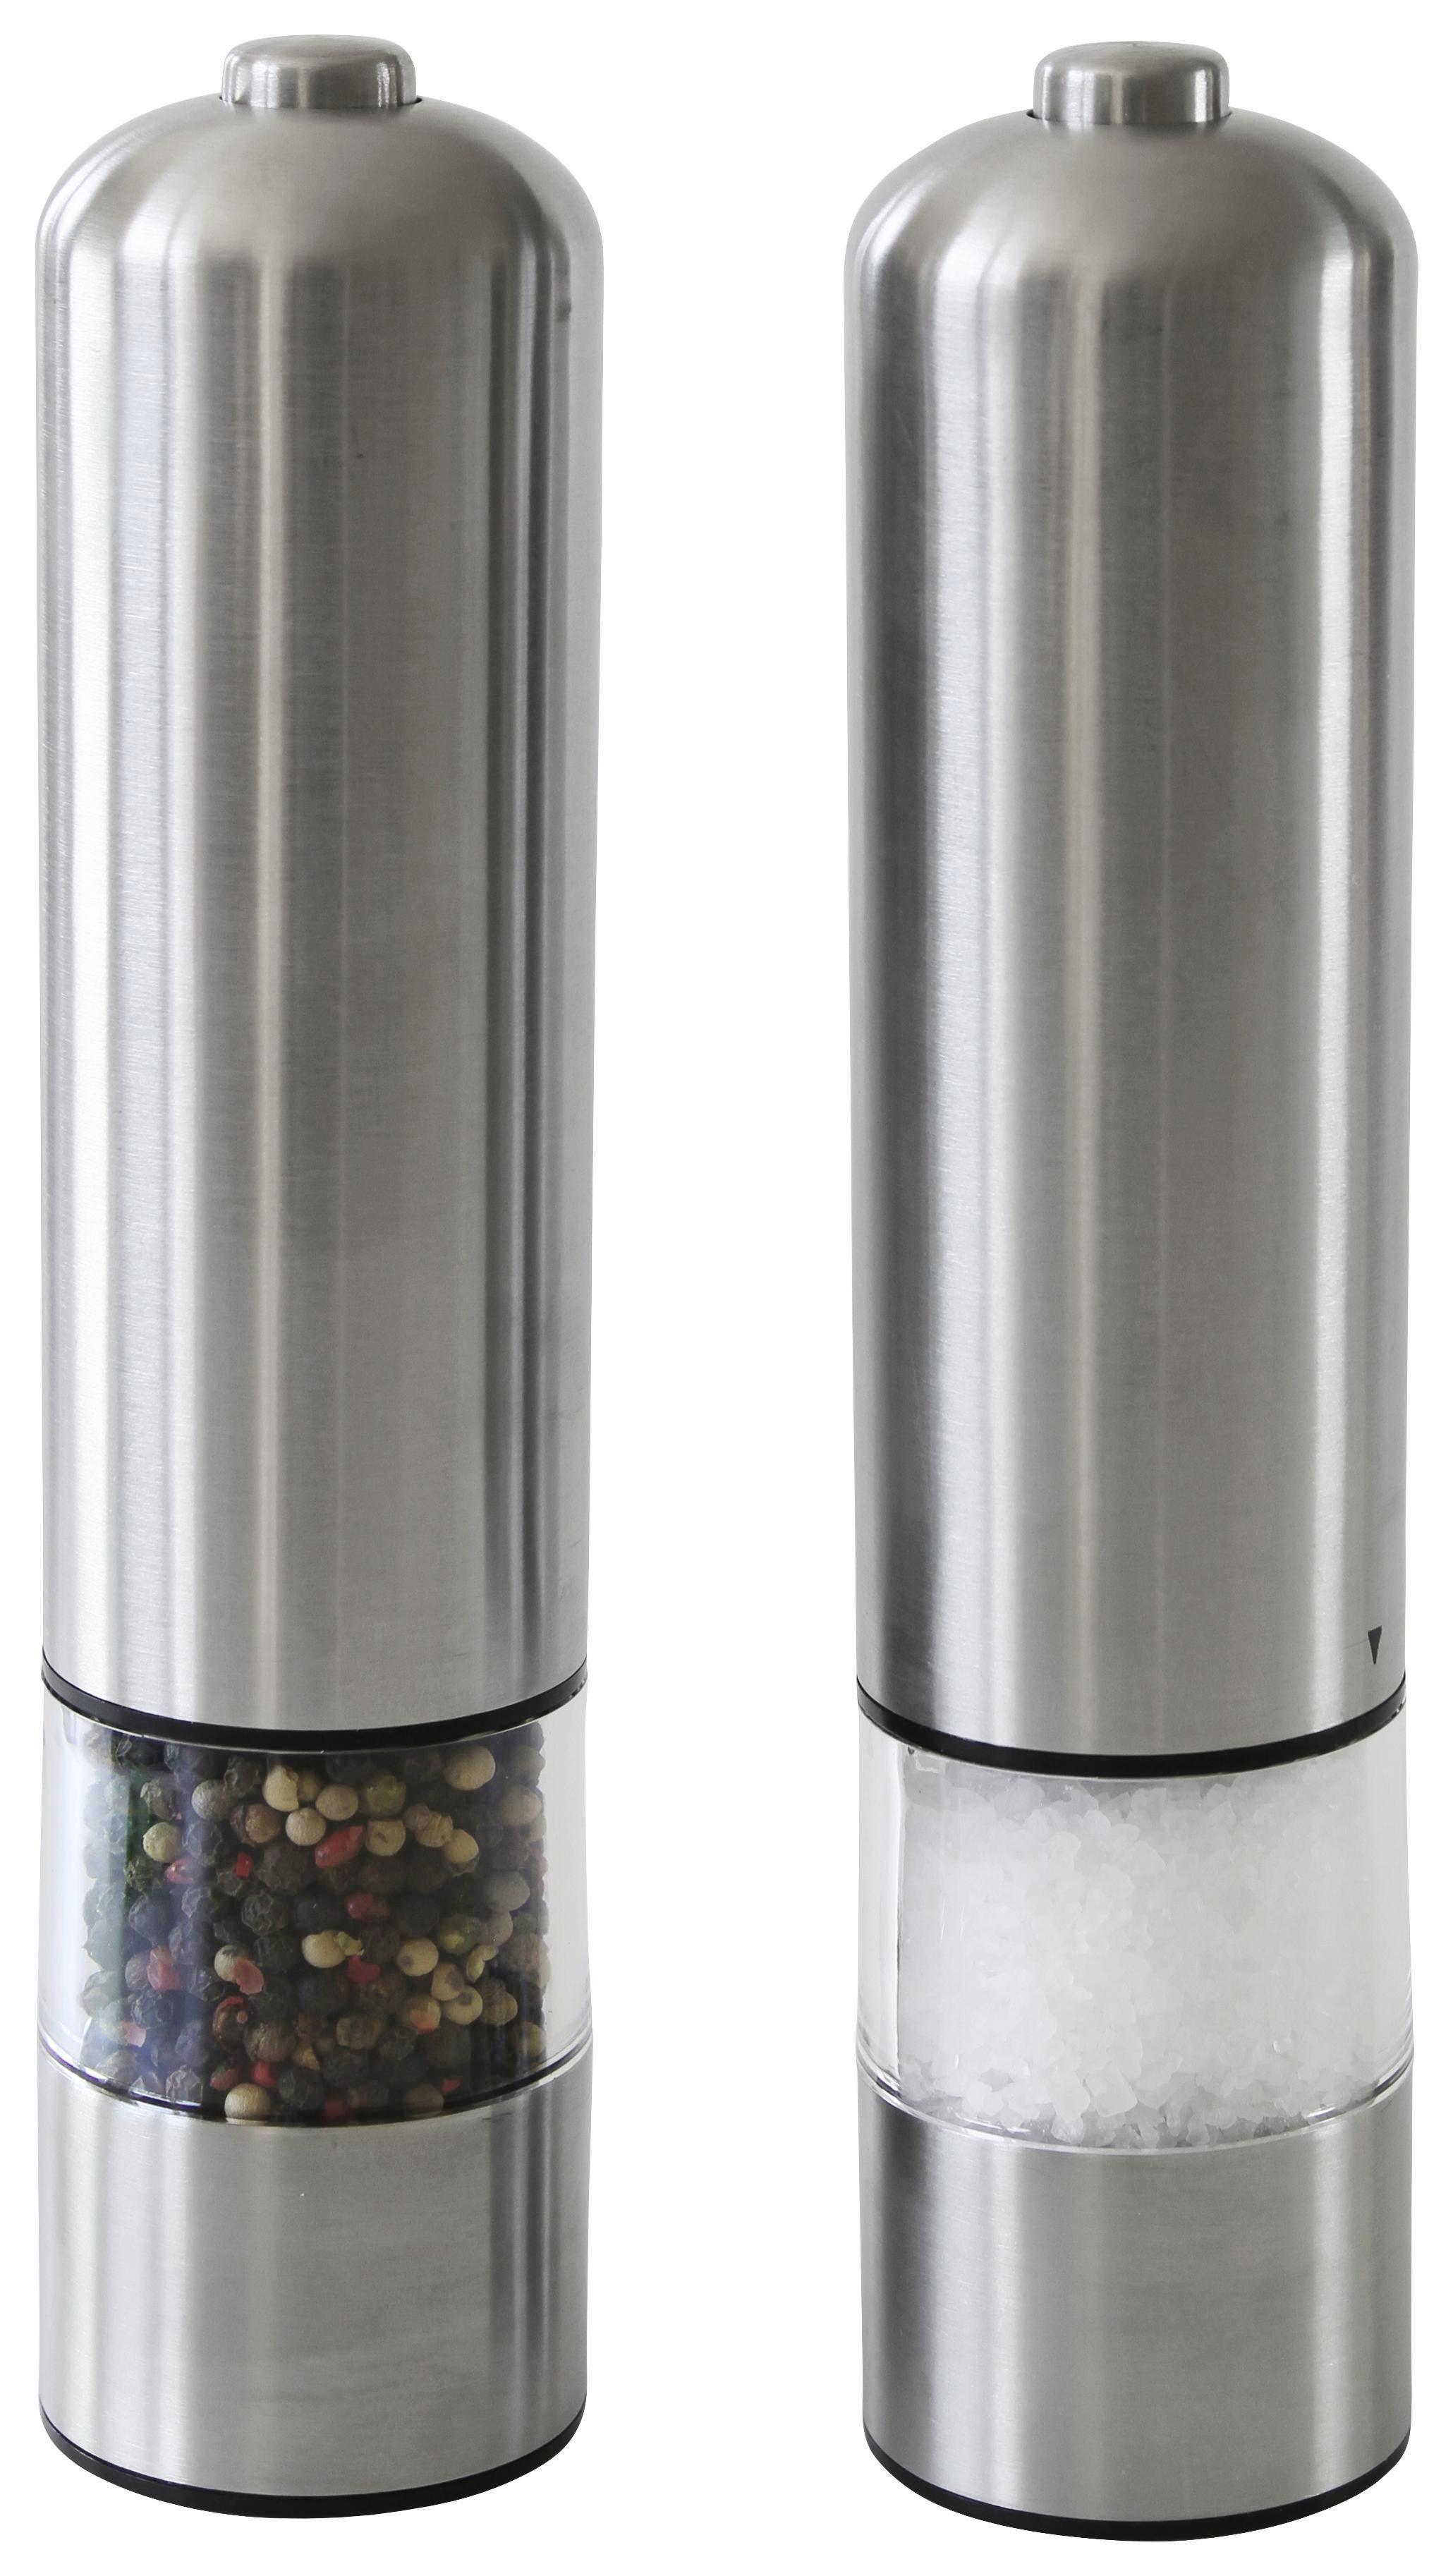 ausgestellte Form aus Edelstahl schwarz elektrische Salz- und Pfefferm/ühle ProCook 2-teiliges Set